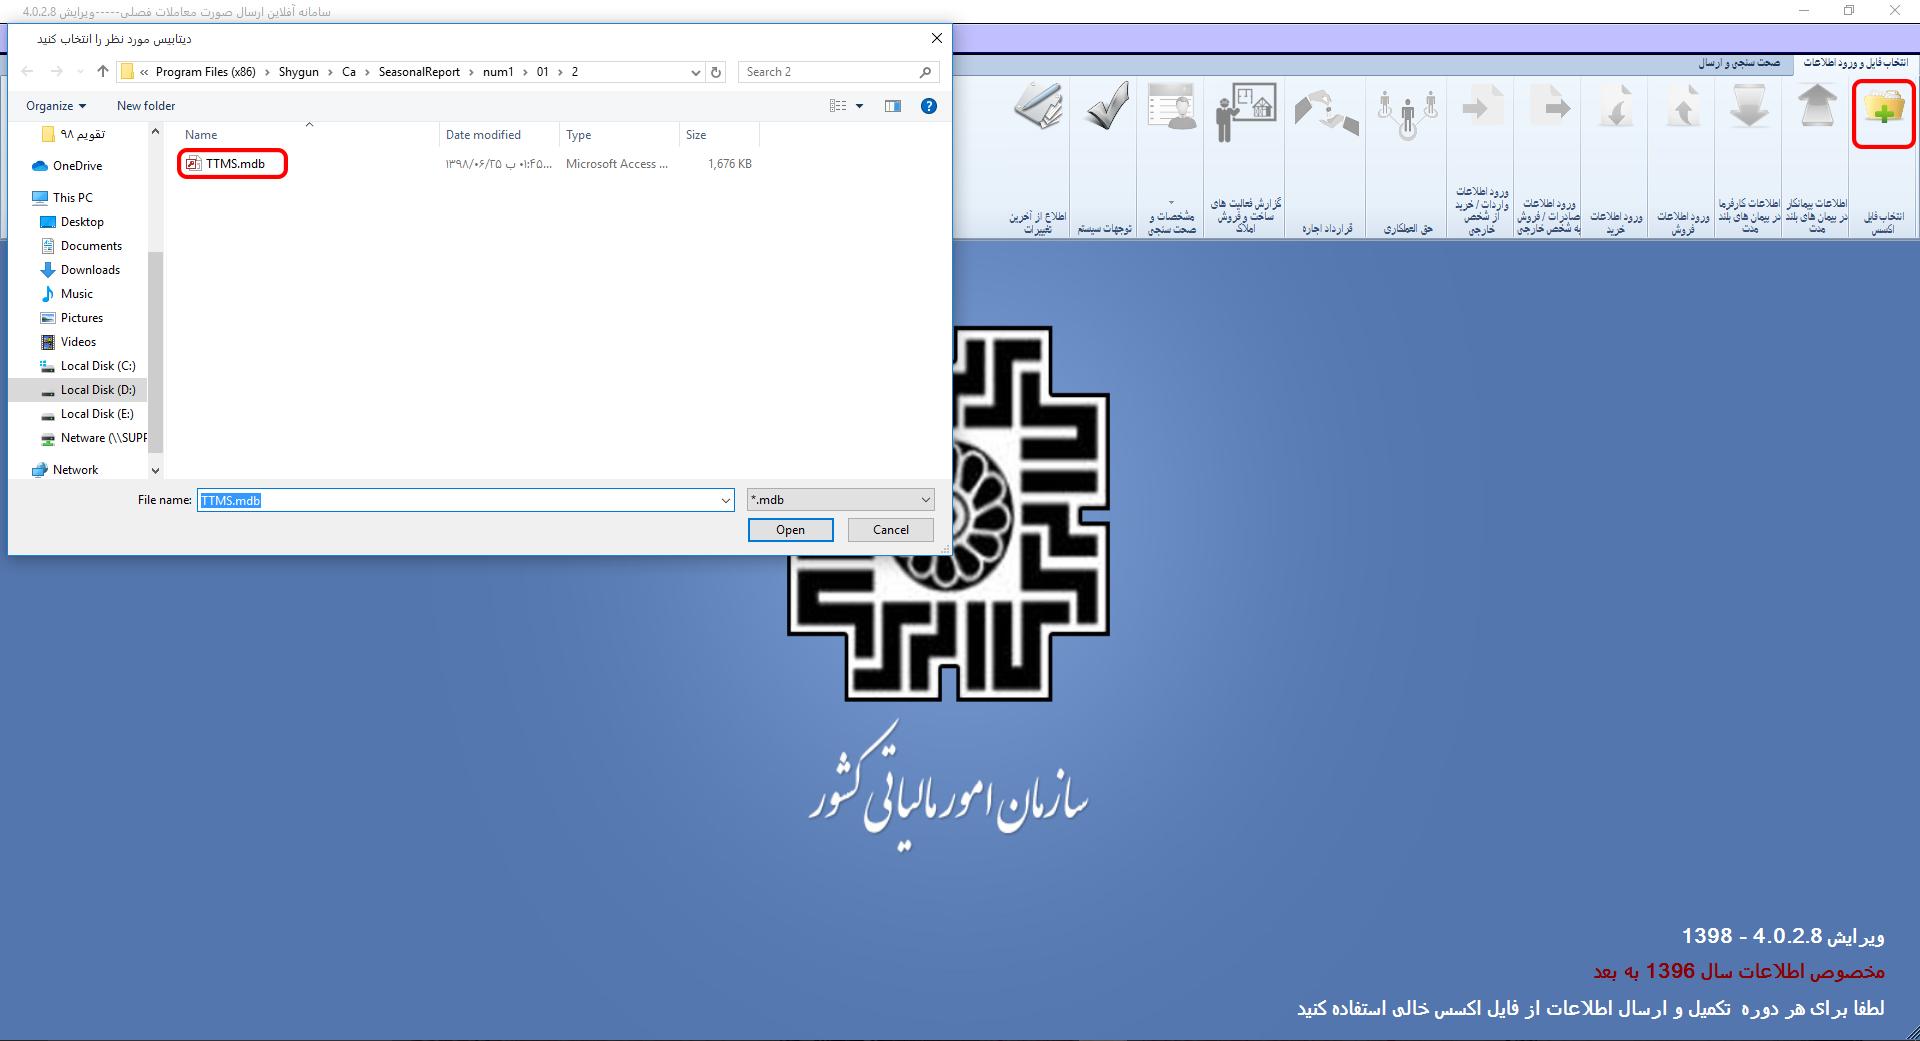 باز کردن فایل اکسس ایجاد شده در نرم افزار TTMS